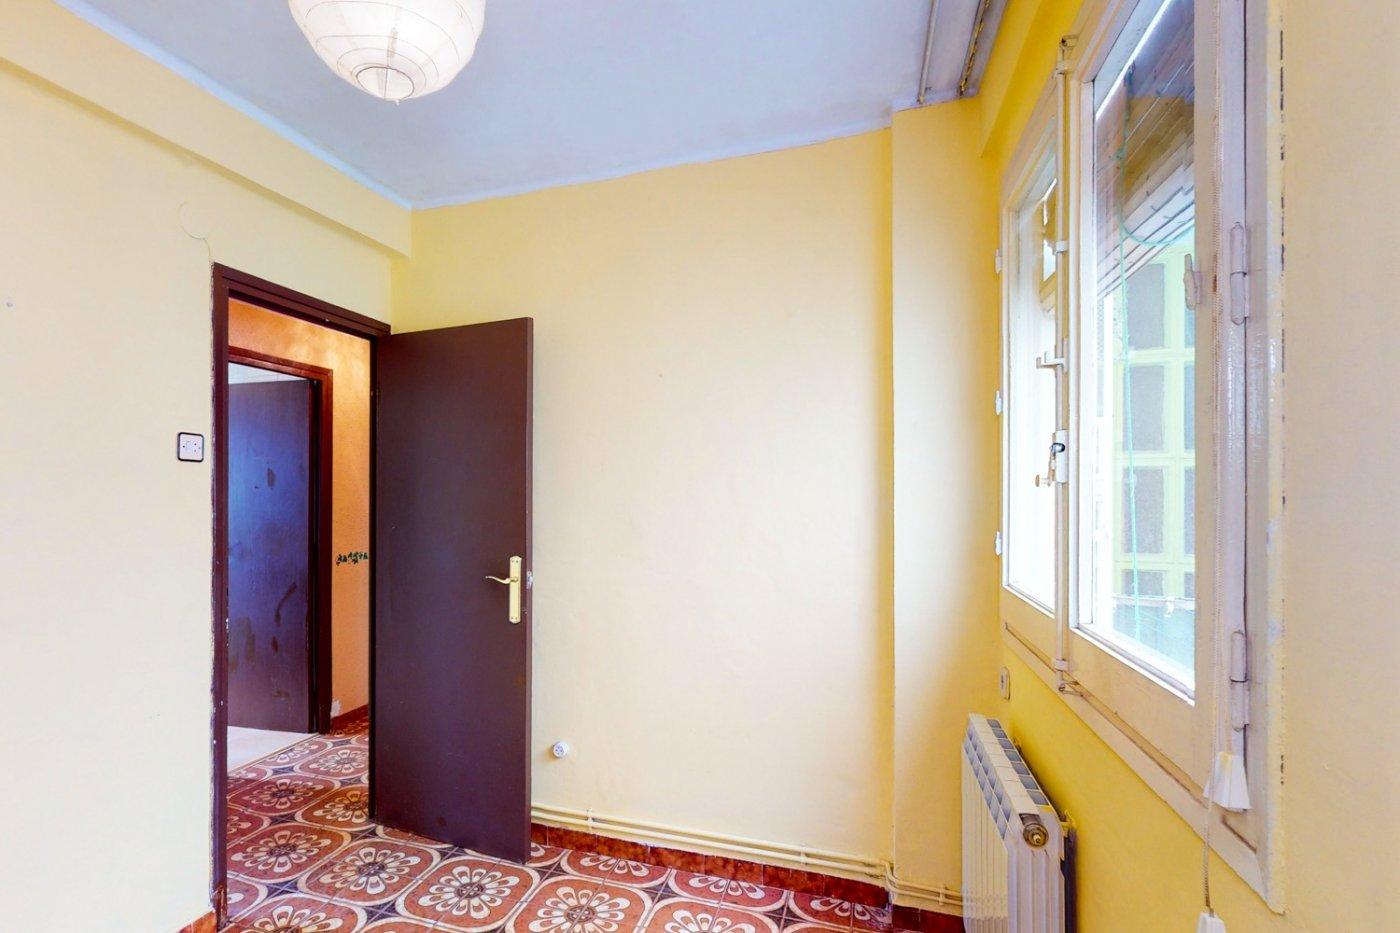 Piso a la venta en c/ lugo, exterior, de tres dormitorios, salon, cocina y baÑo. - imagenInmueble26